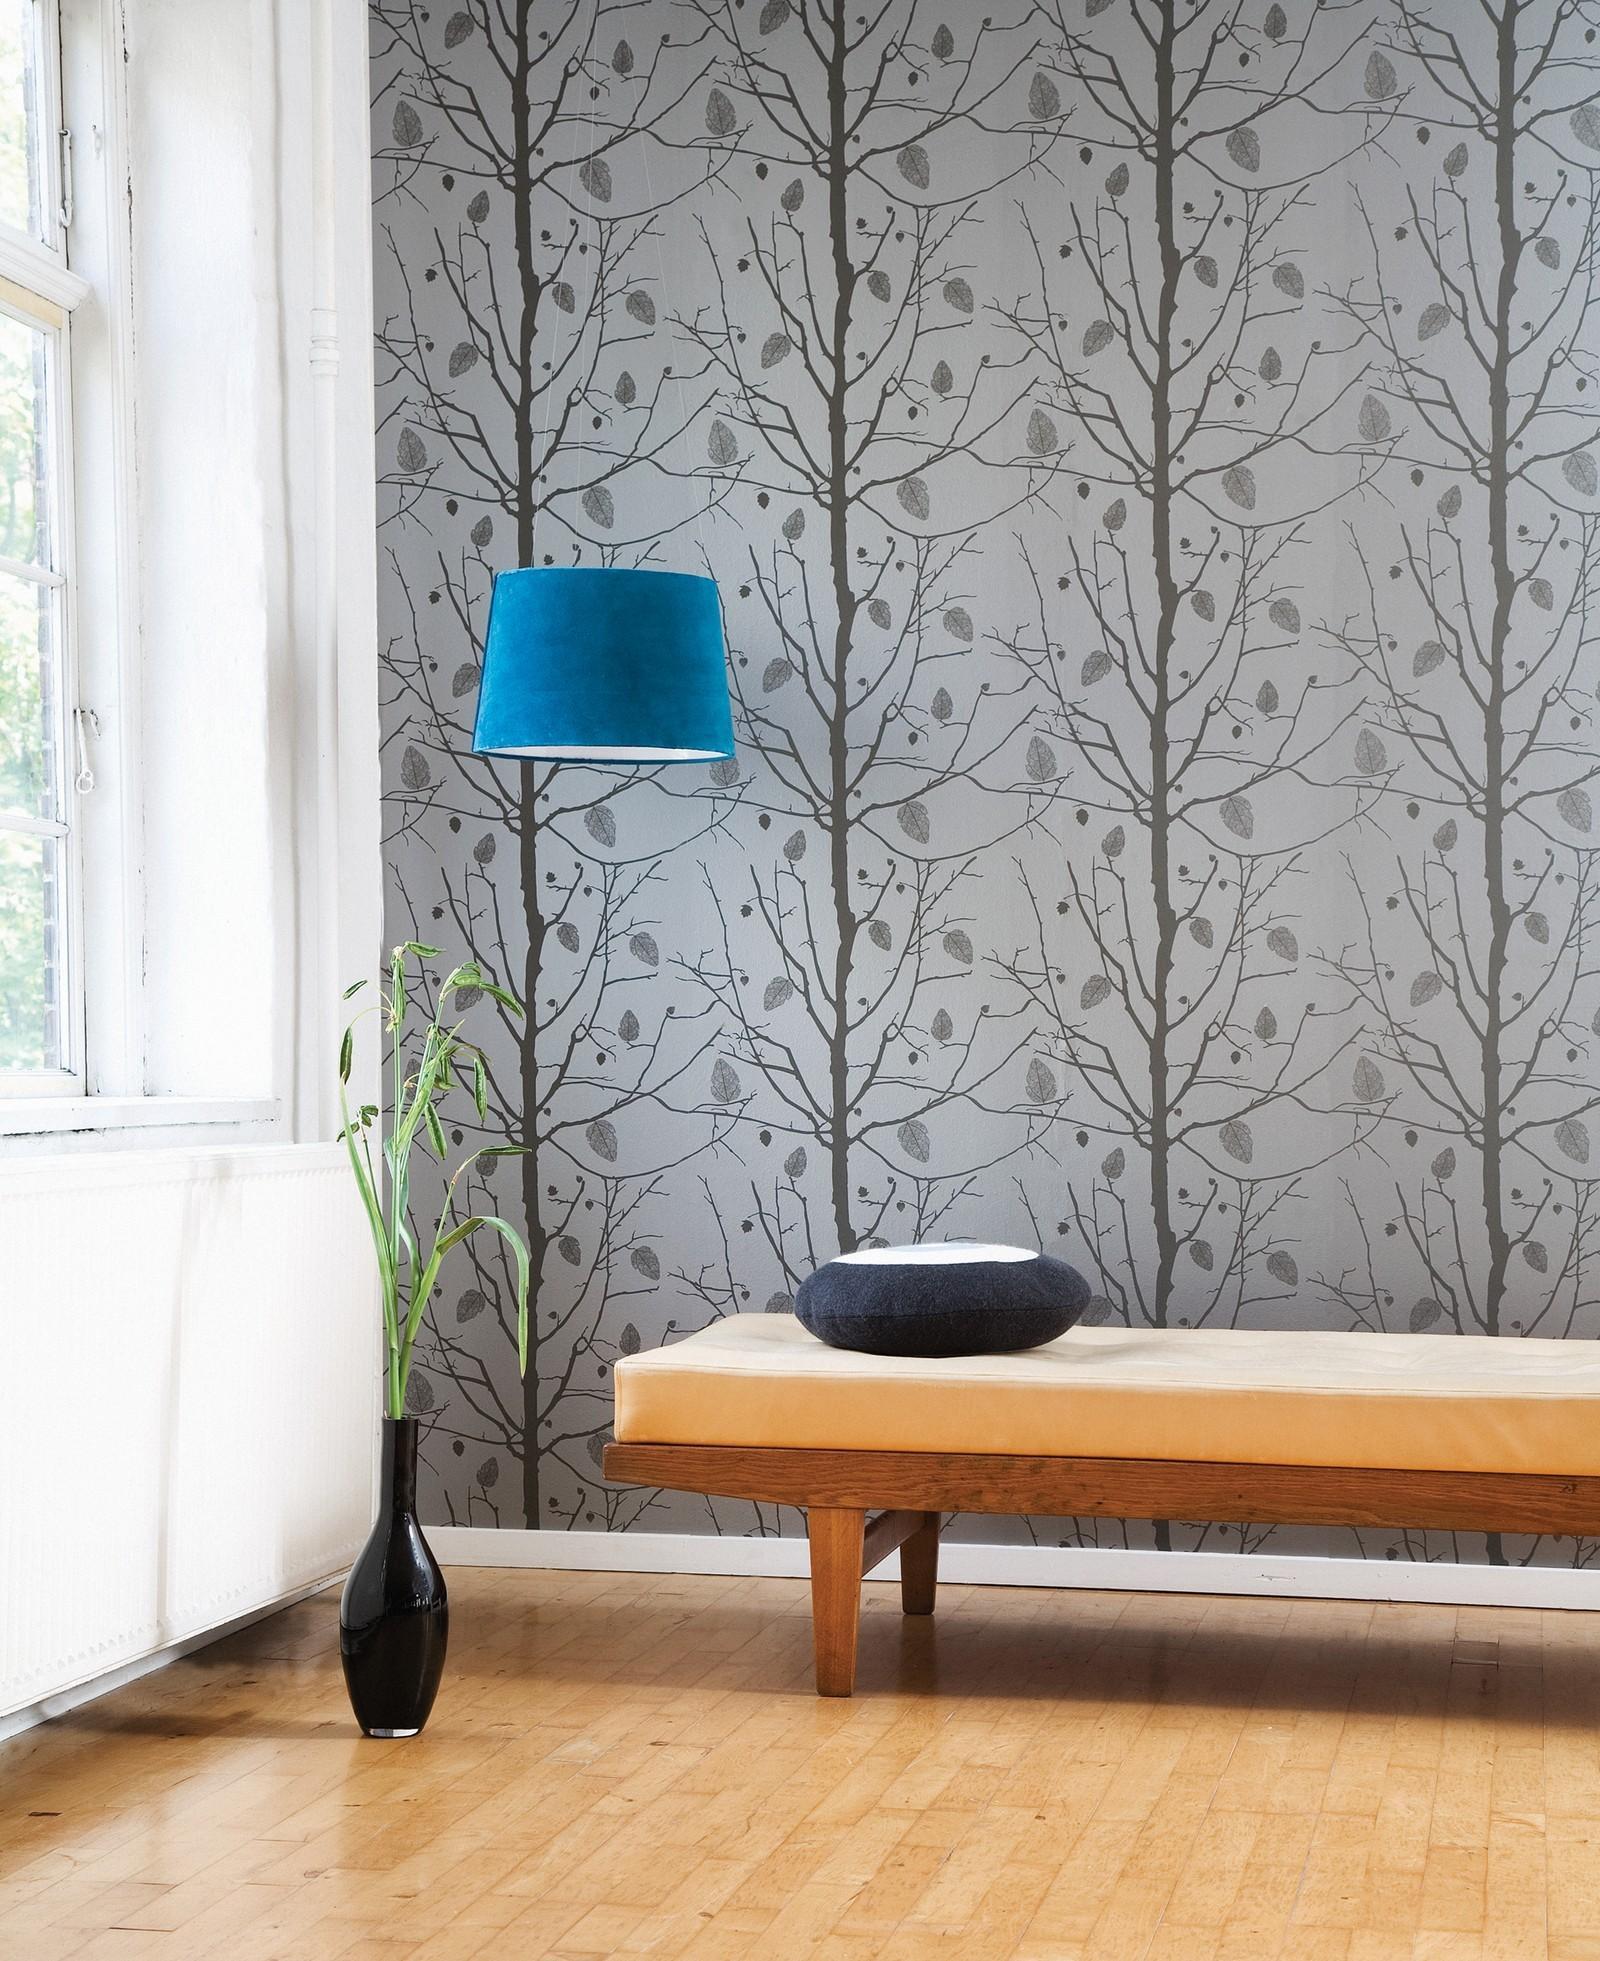 Wohnzimmer design wandgestaltung  Wohnzimmer Wandgestaltung • Bilder & Ideen • COUCHstyle